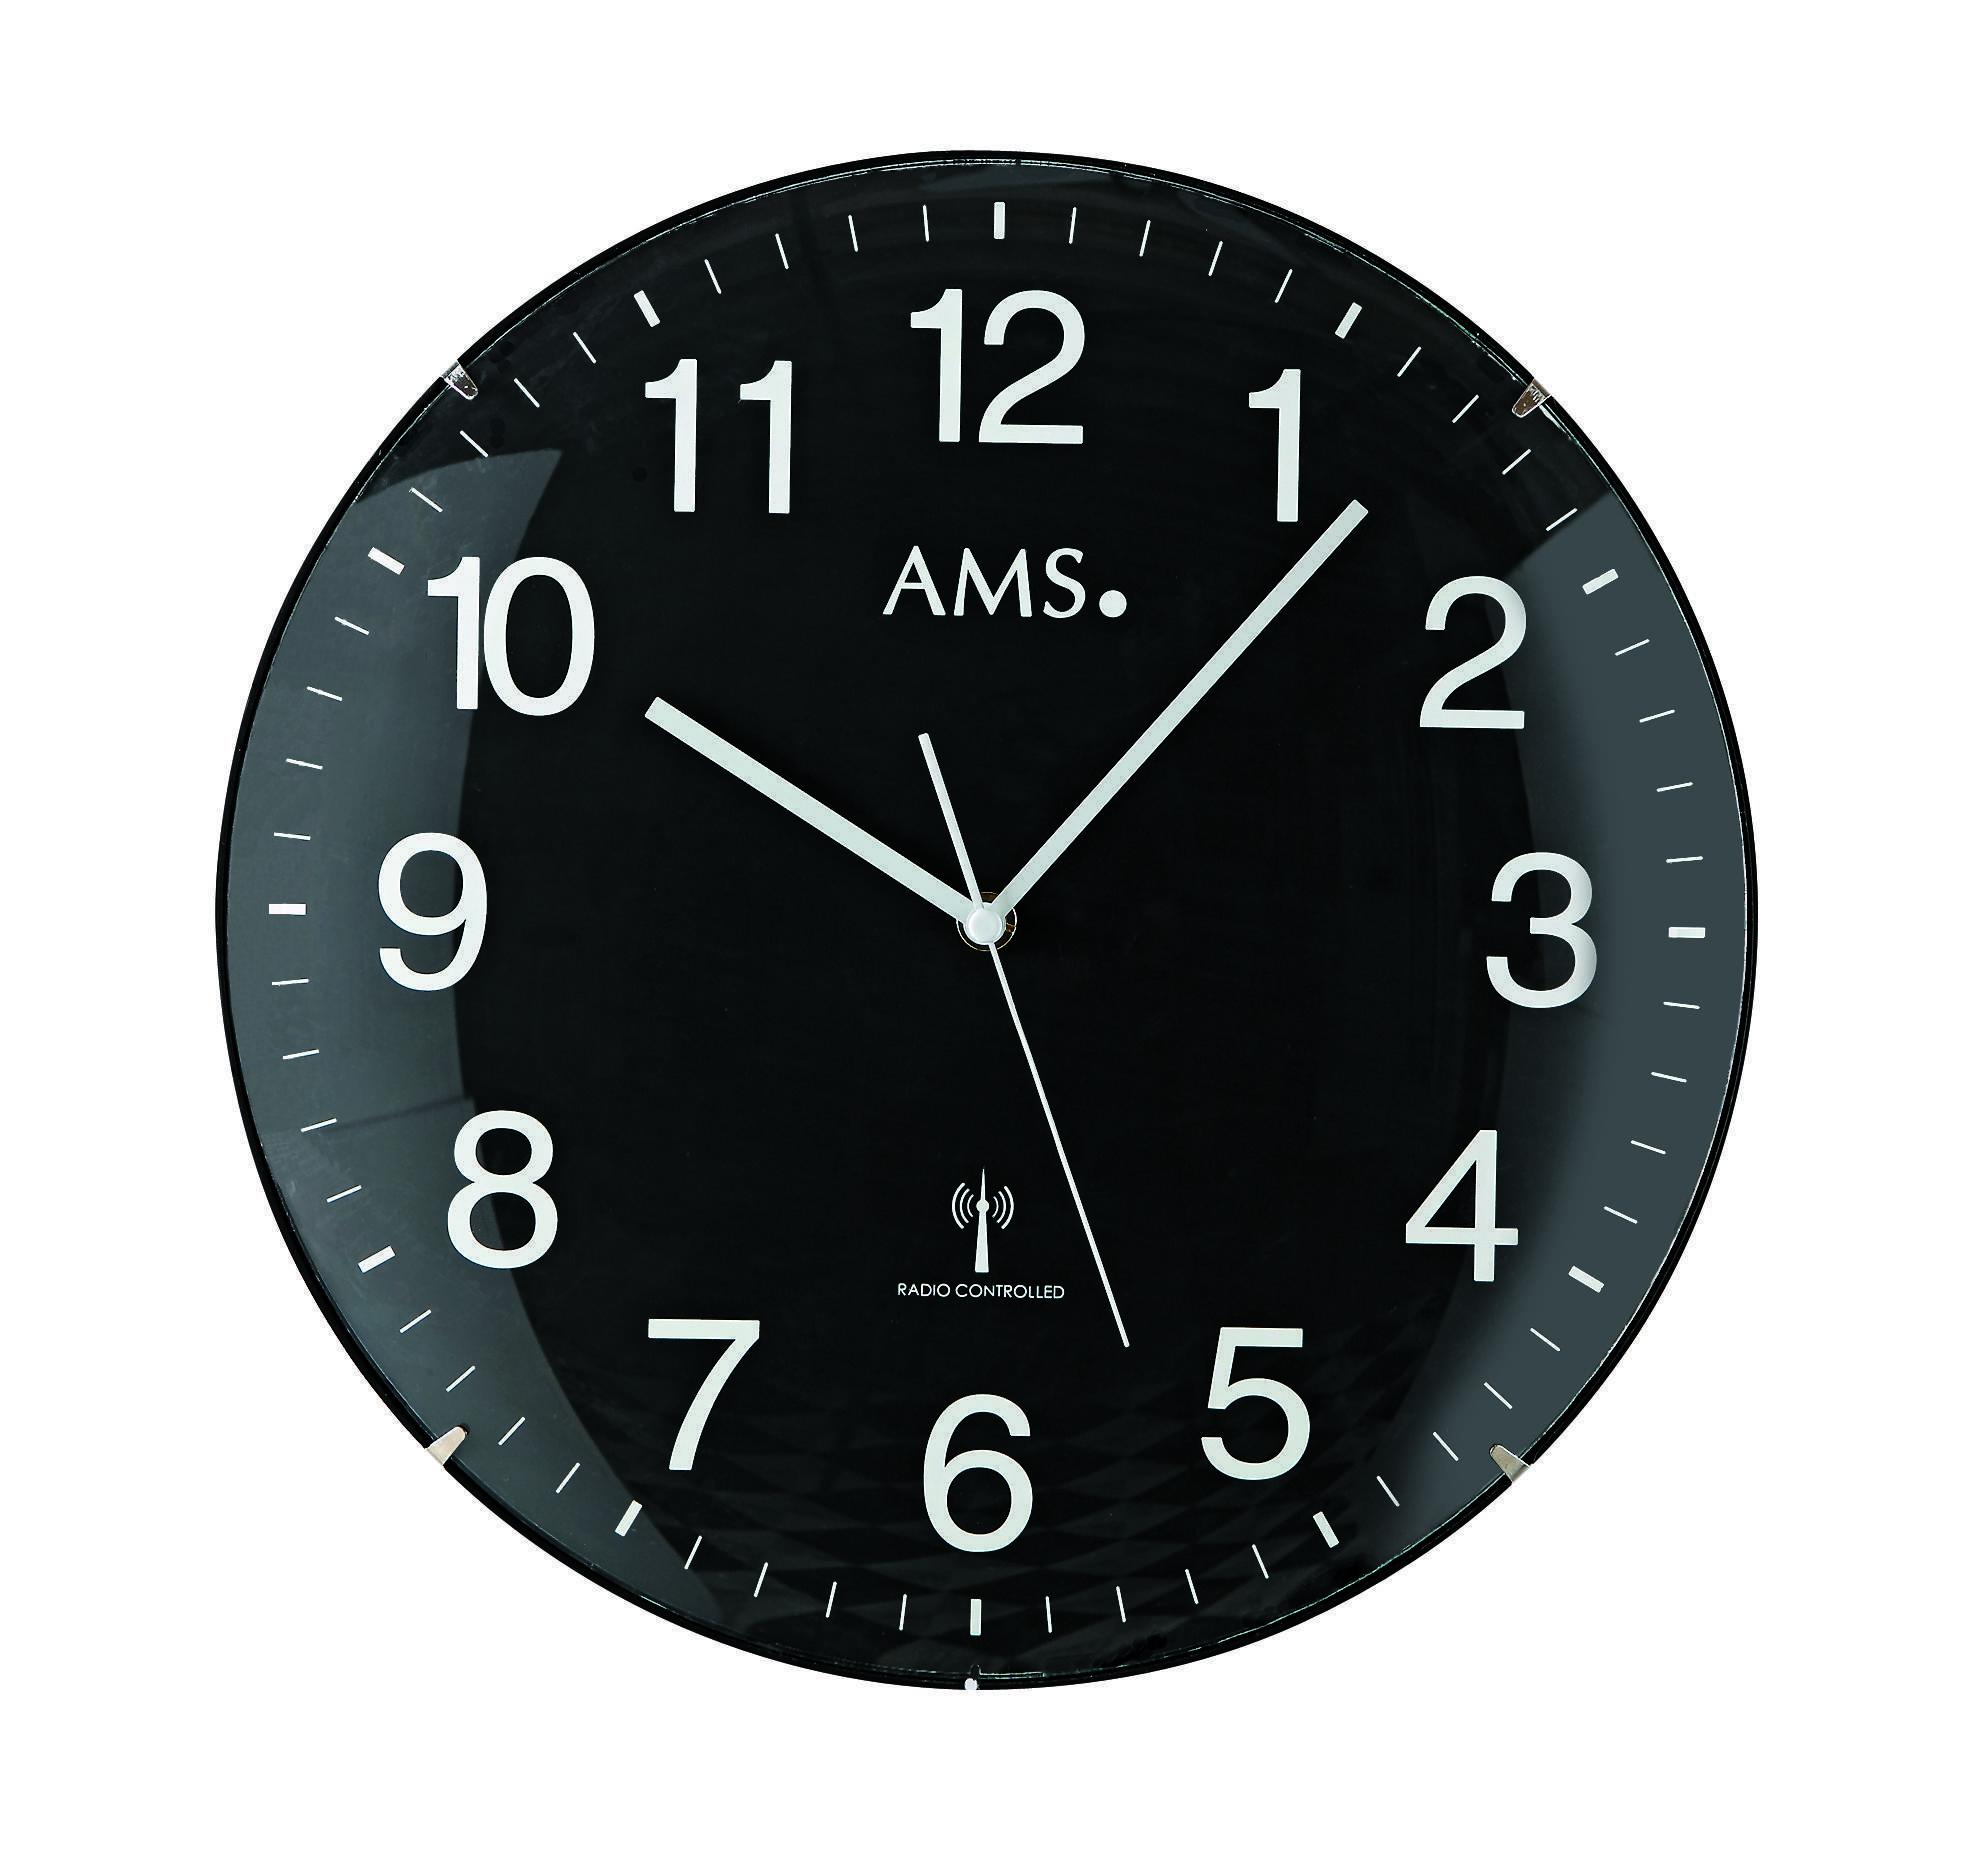 zwarte AMS wandklok met witte cijfers en wijzers.